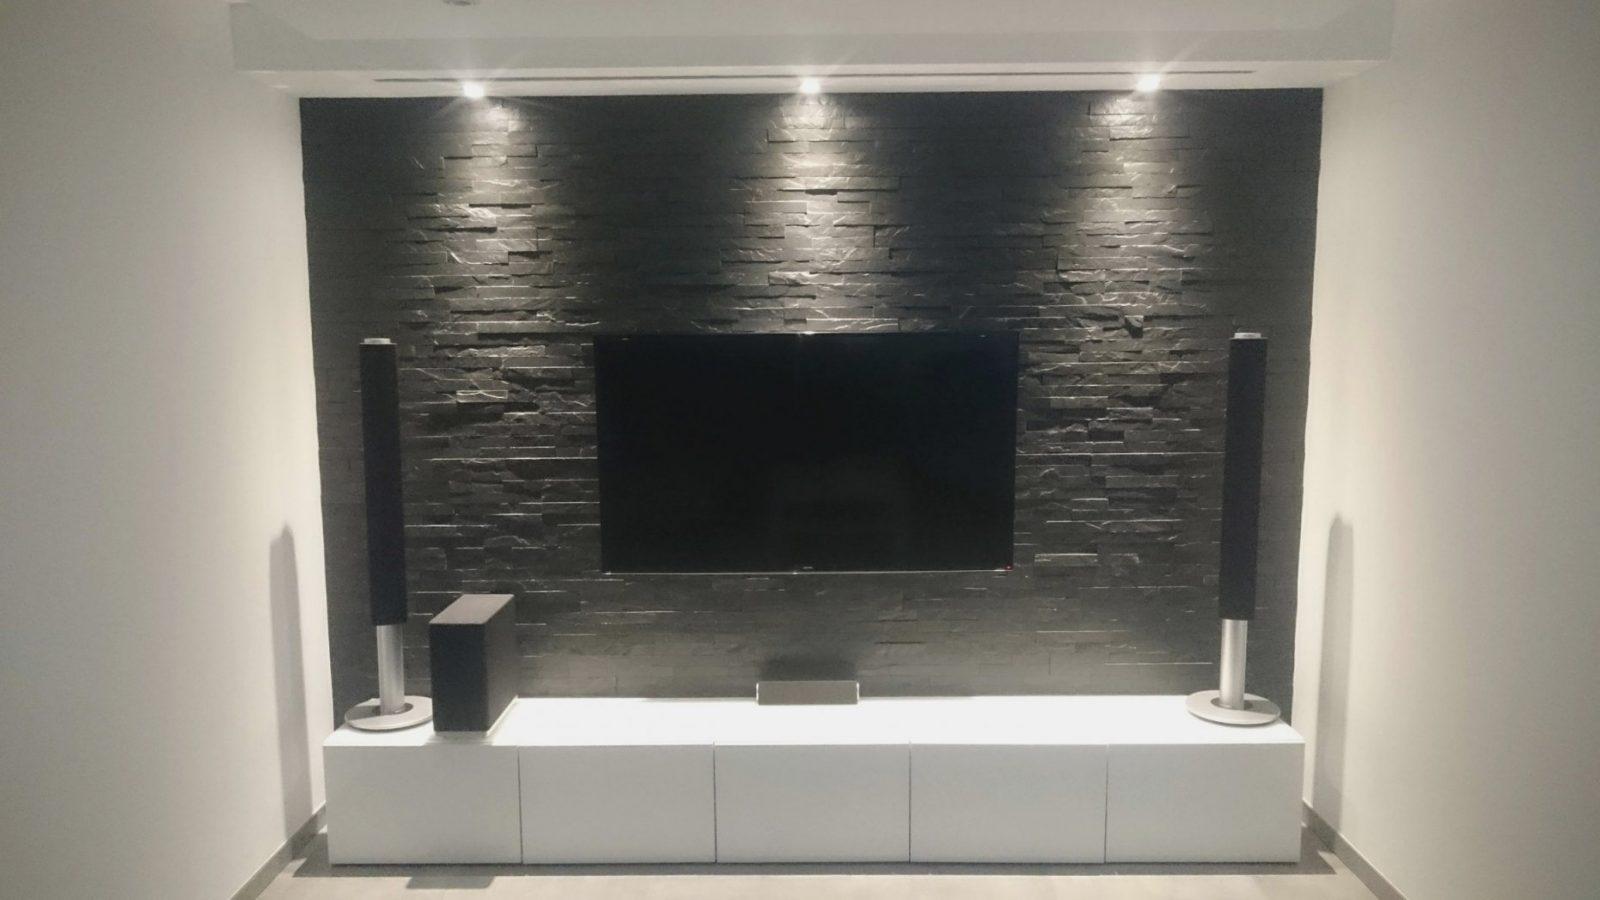 ▷ Multimedia Wohnzimmer Mit Naturstein Verblender Selber Bauen von Led Wand Selber Bauen Photo